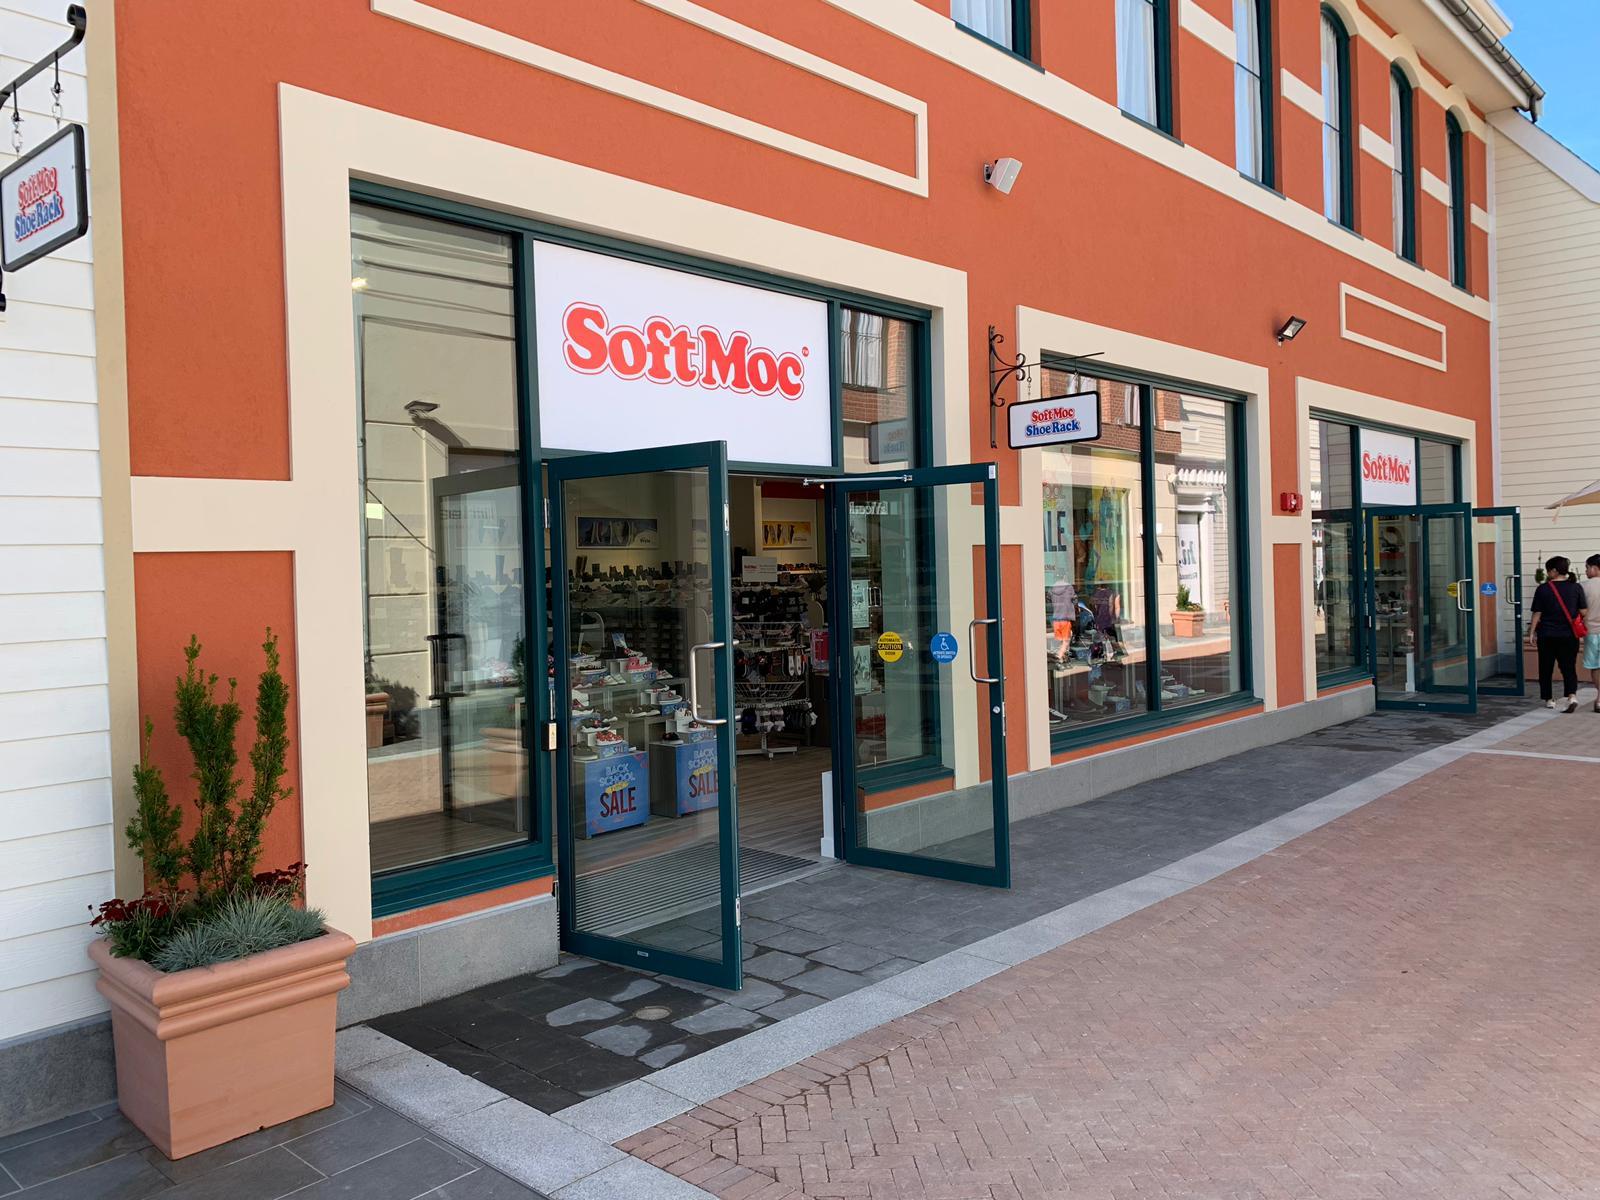 SoftMoc McArthur Glen | SoftMoc USA